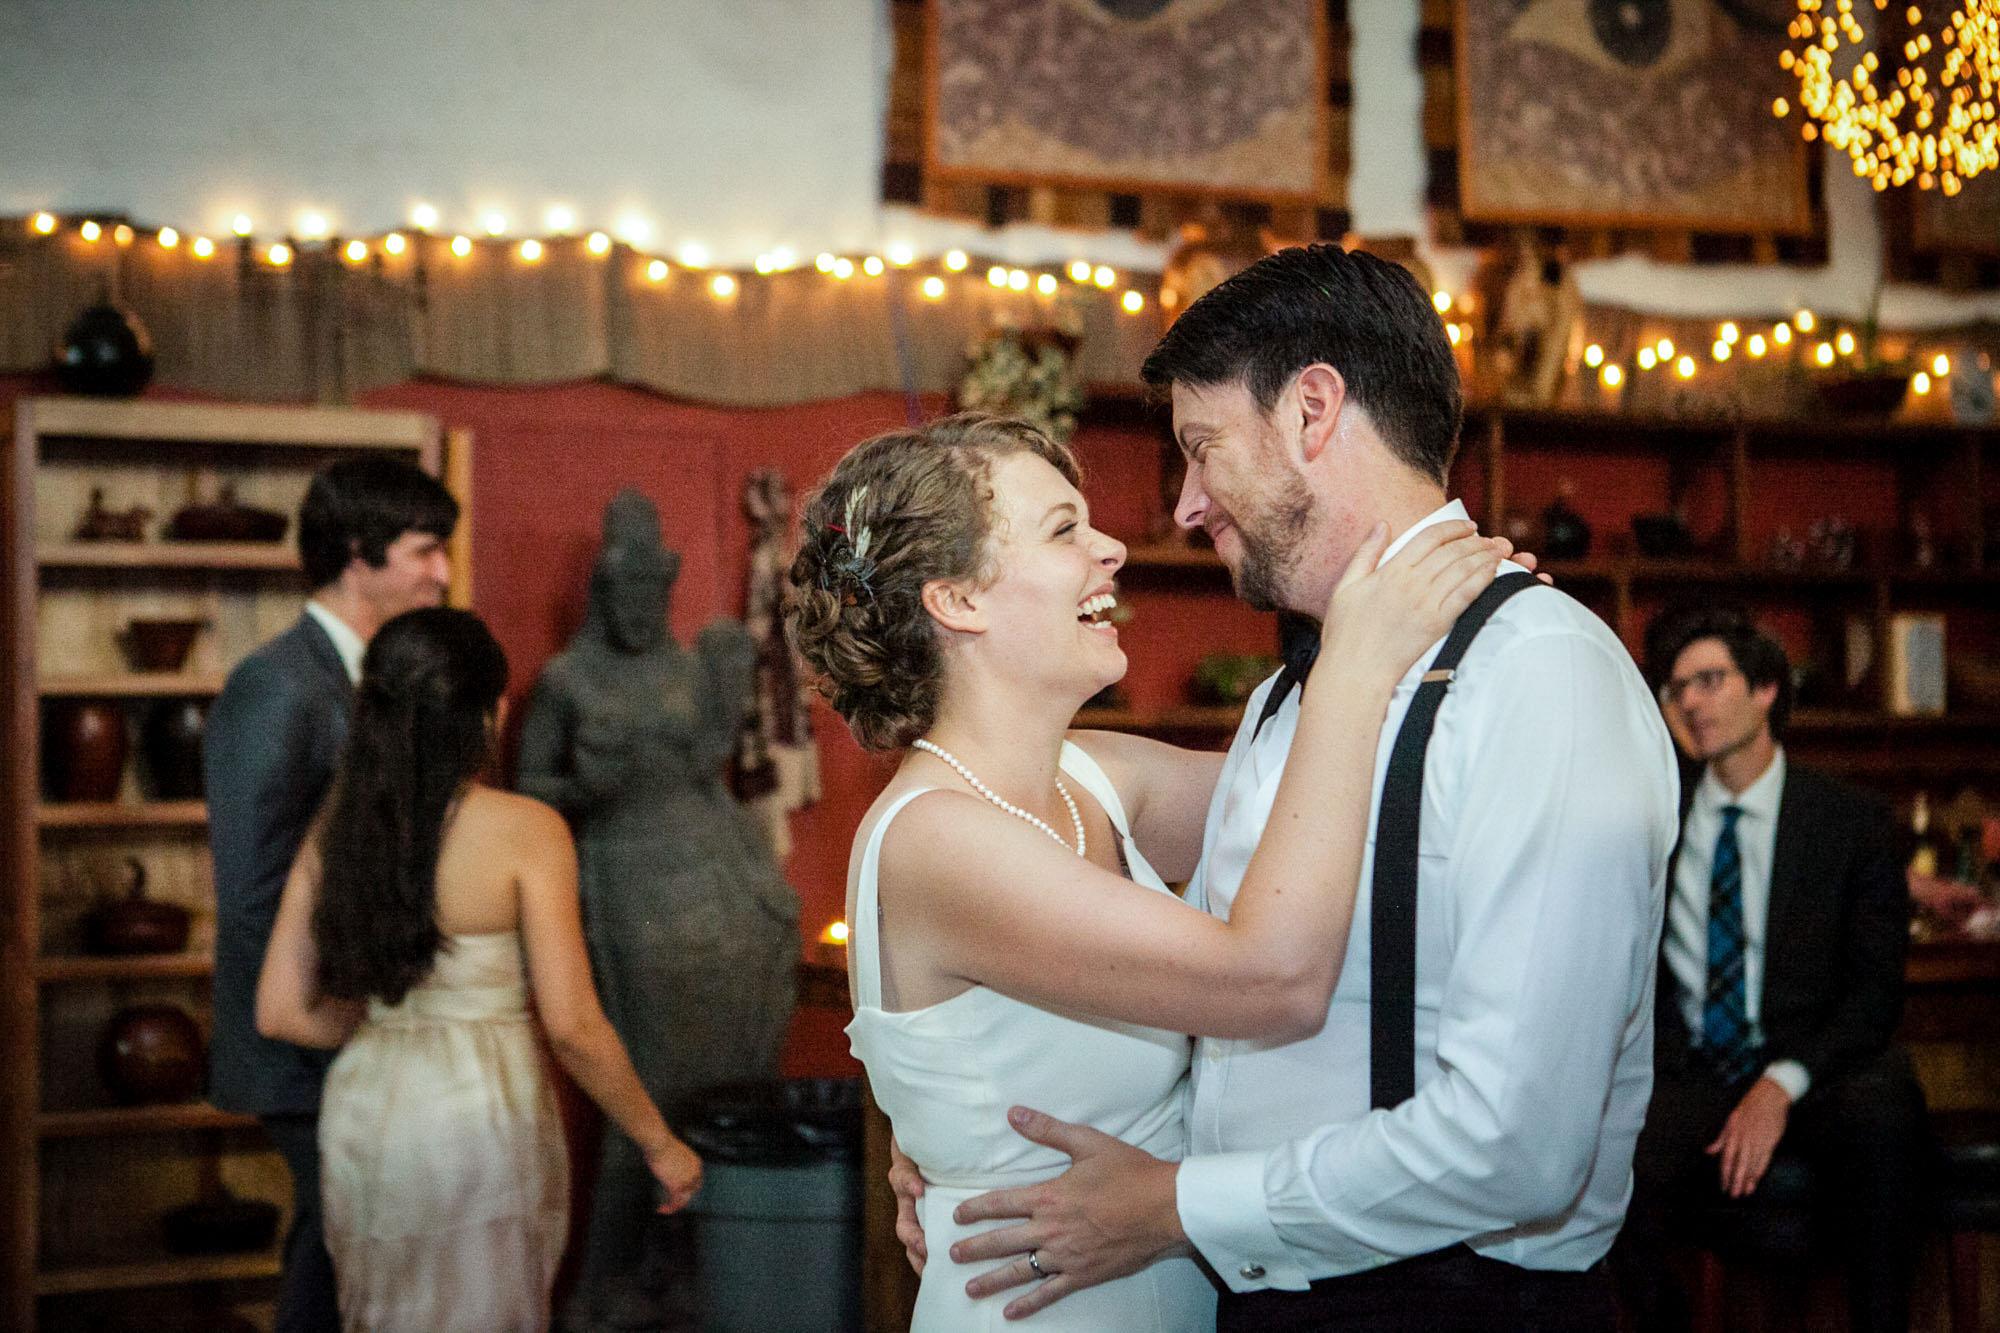 portland-wedding-reception-bride-groom